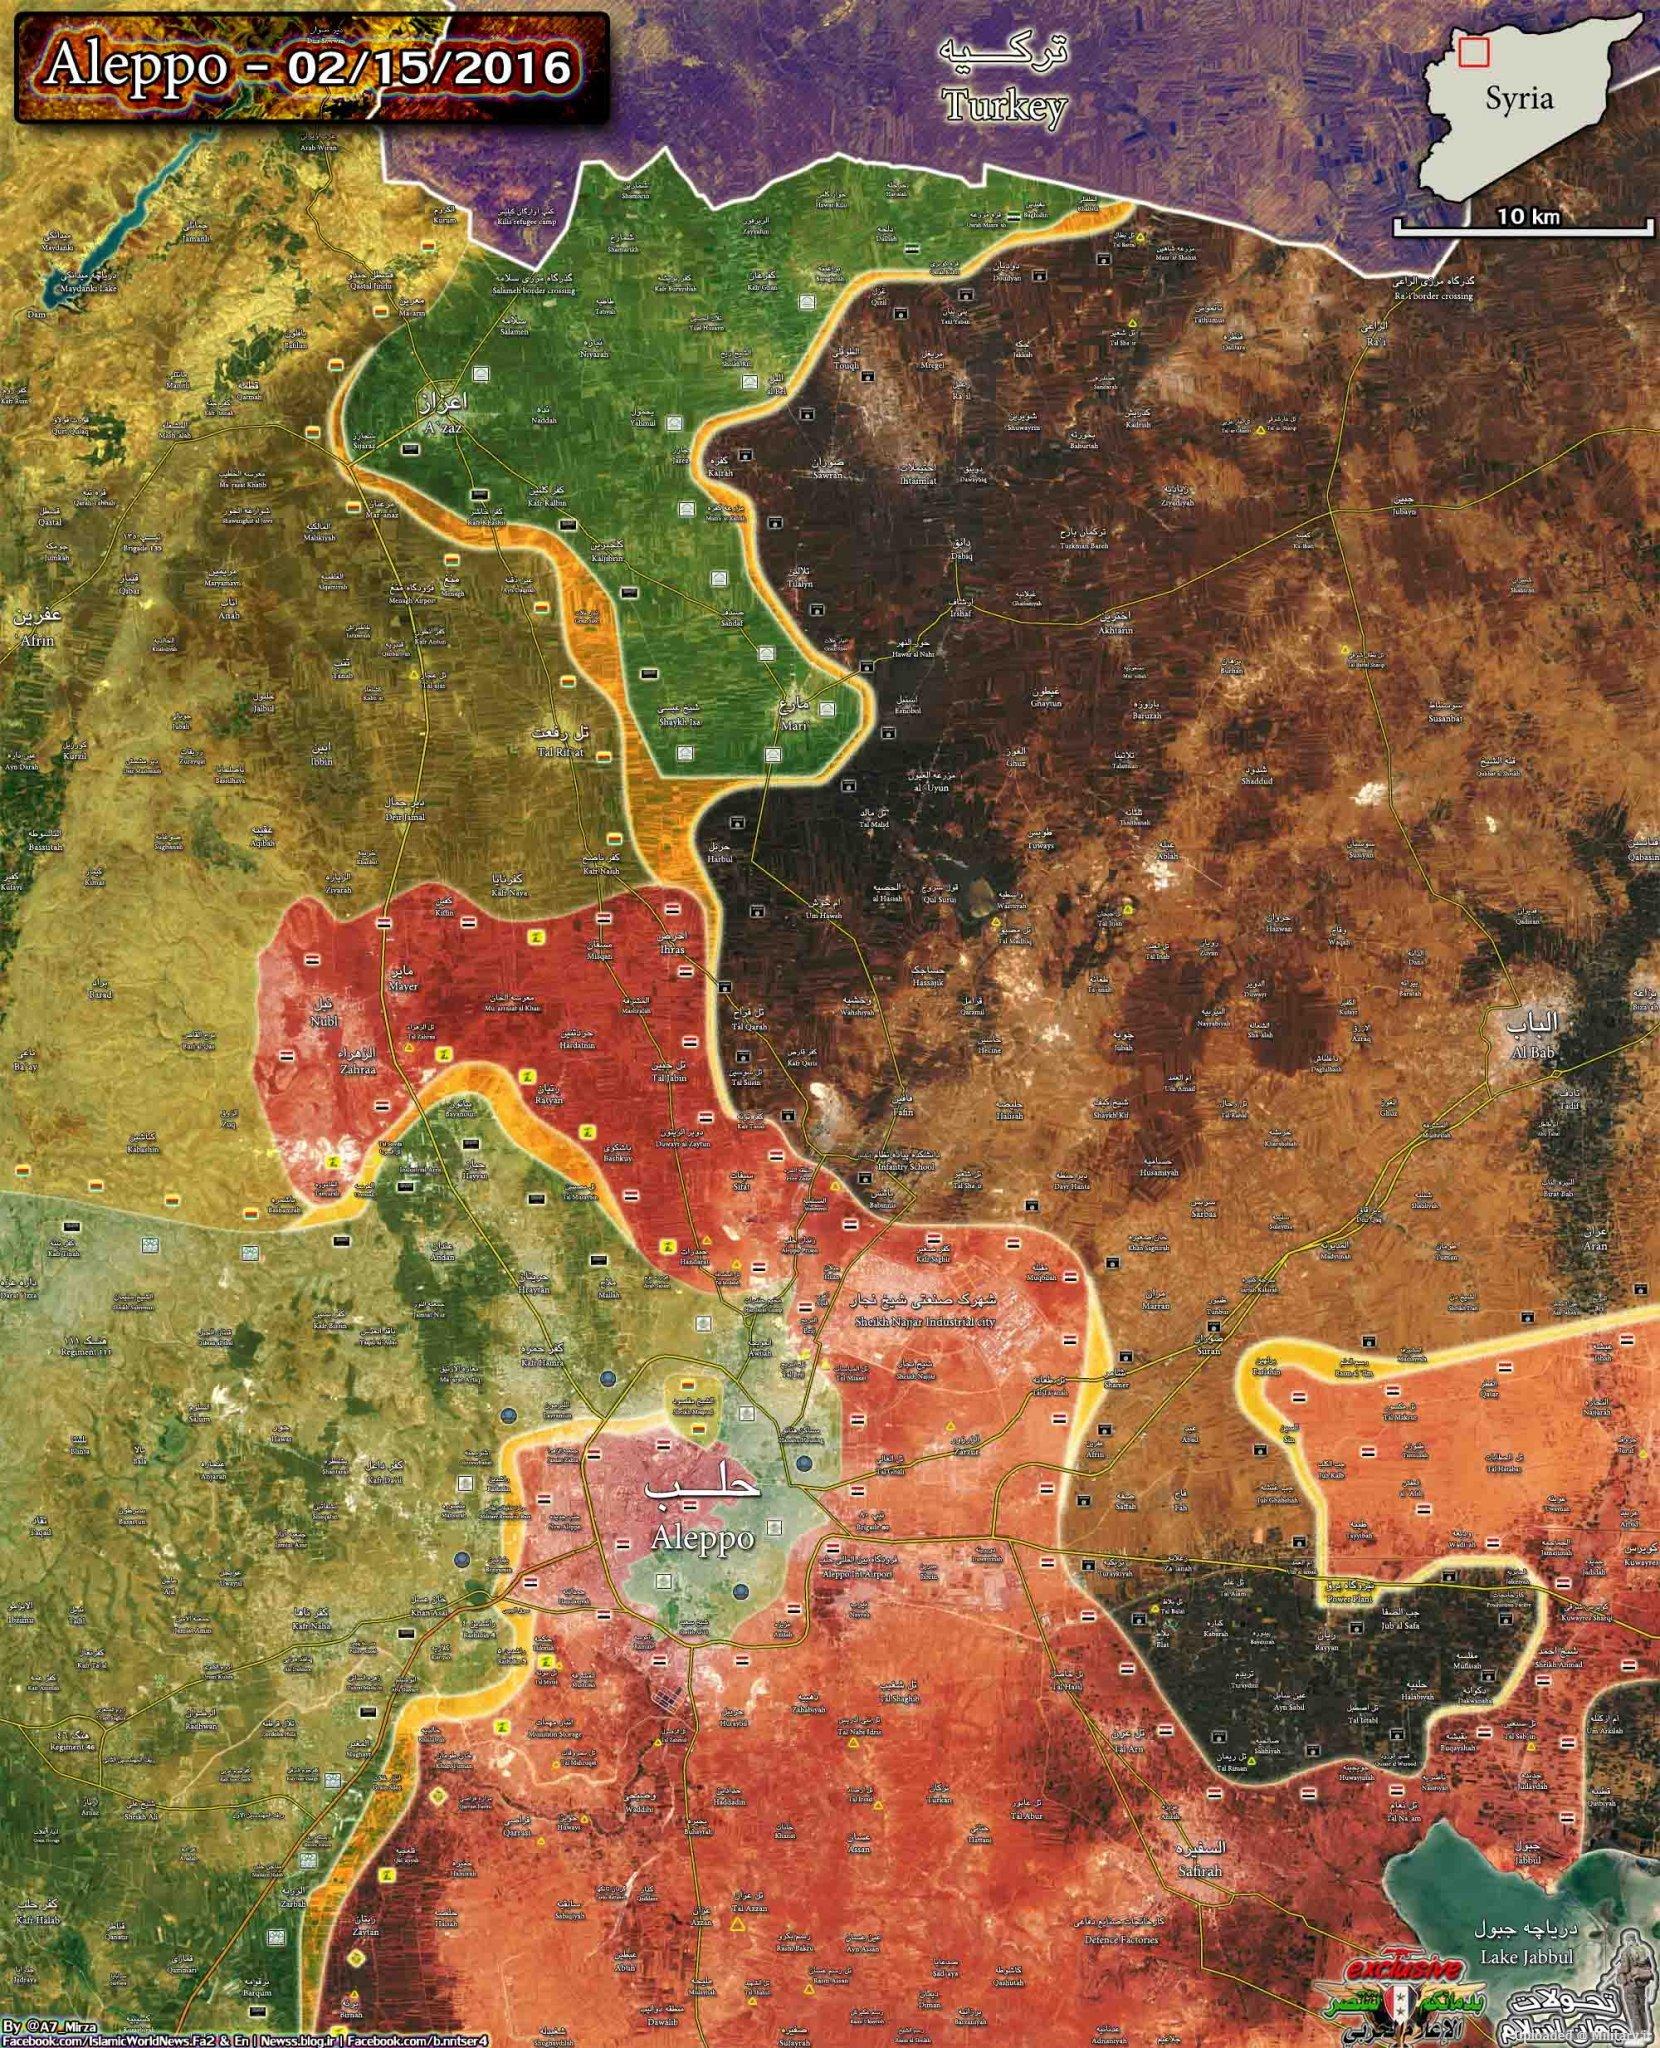 North_Aleppo_wide_10km_15feb_26bahman_lo